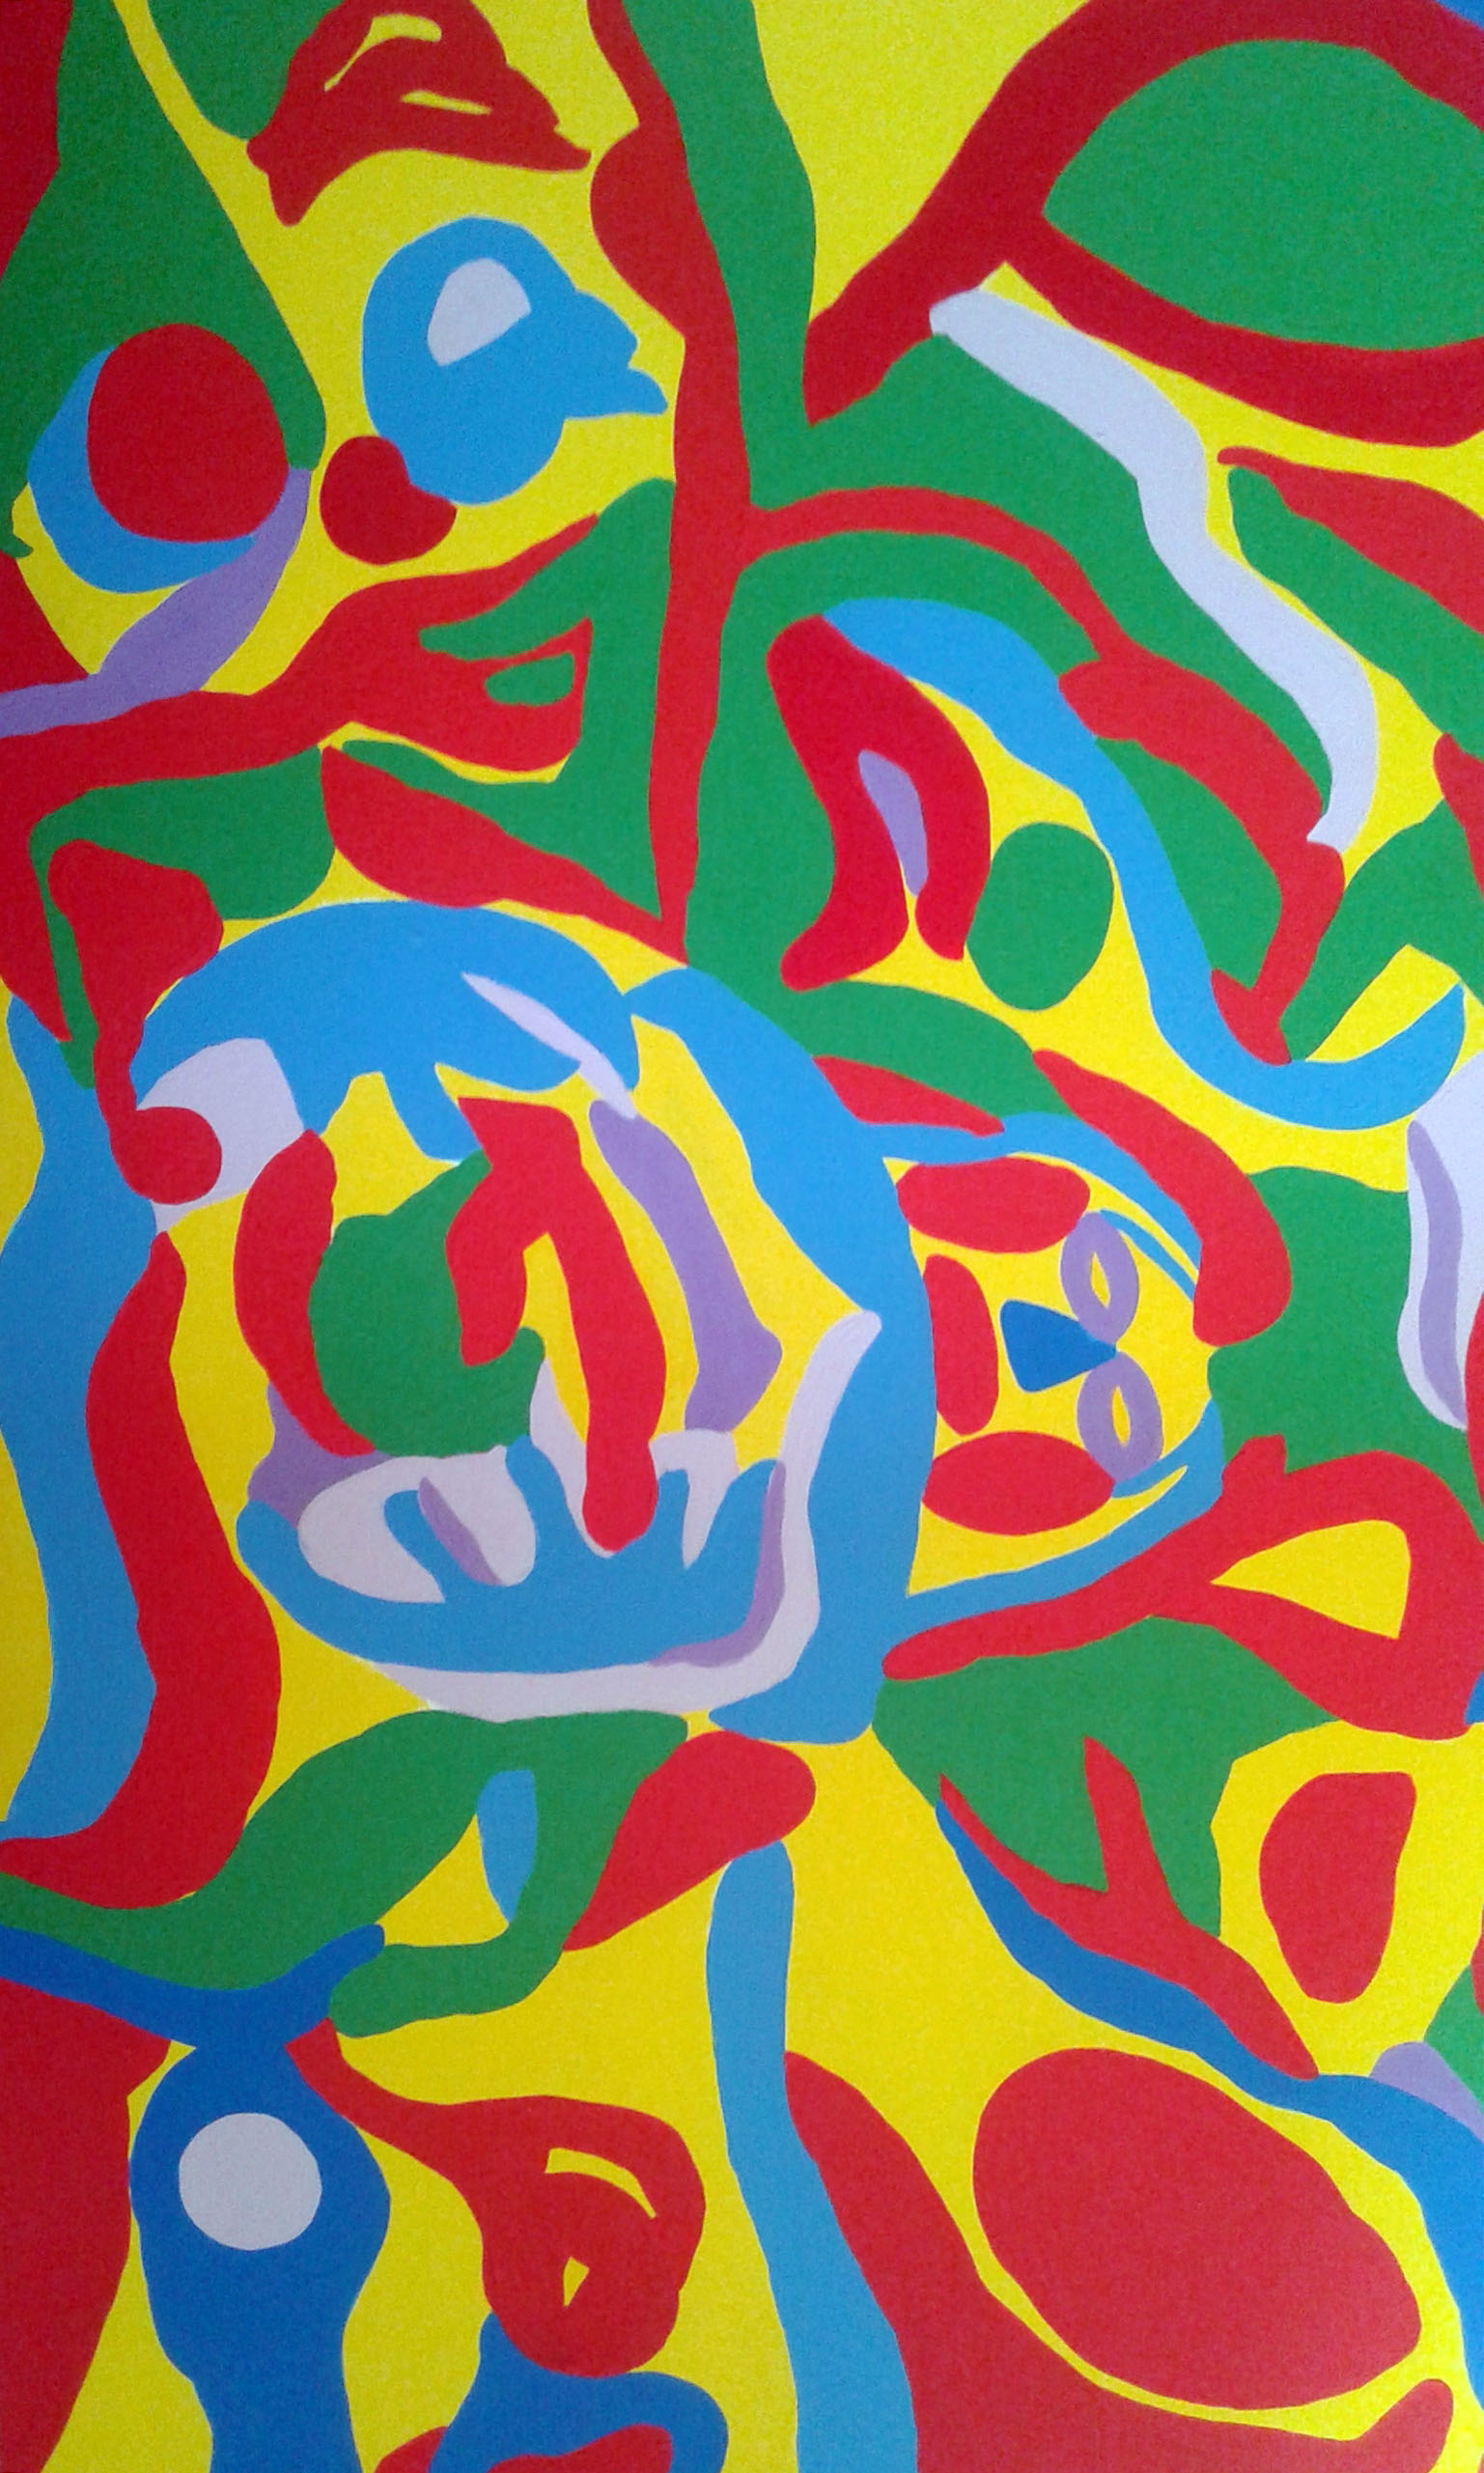 Marco cesaretti la visione di un sogno tramite una sfera for Marco 100x70